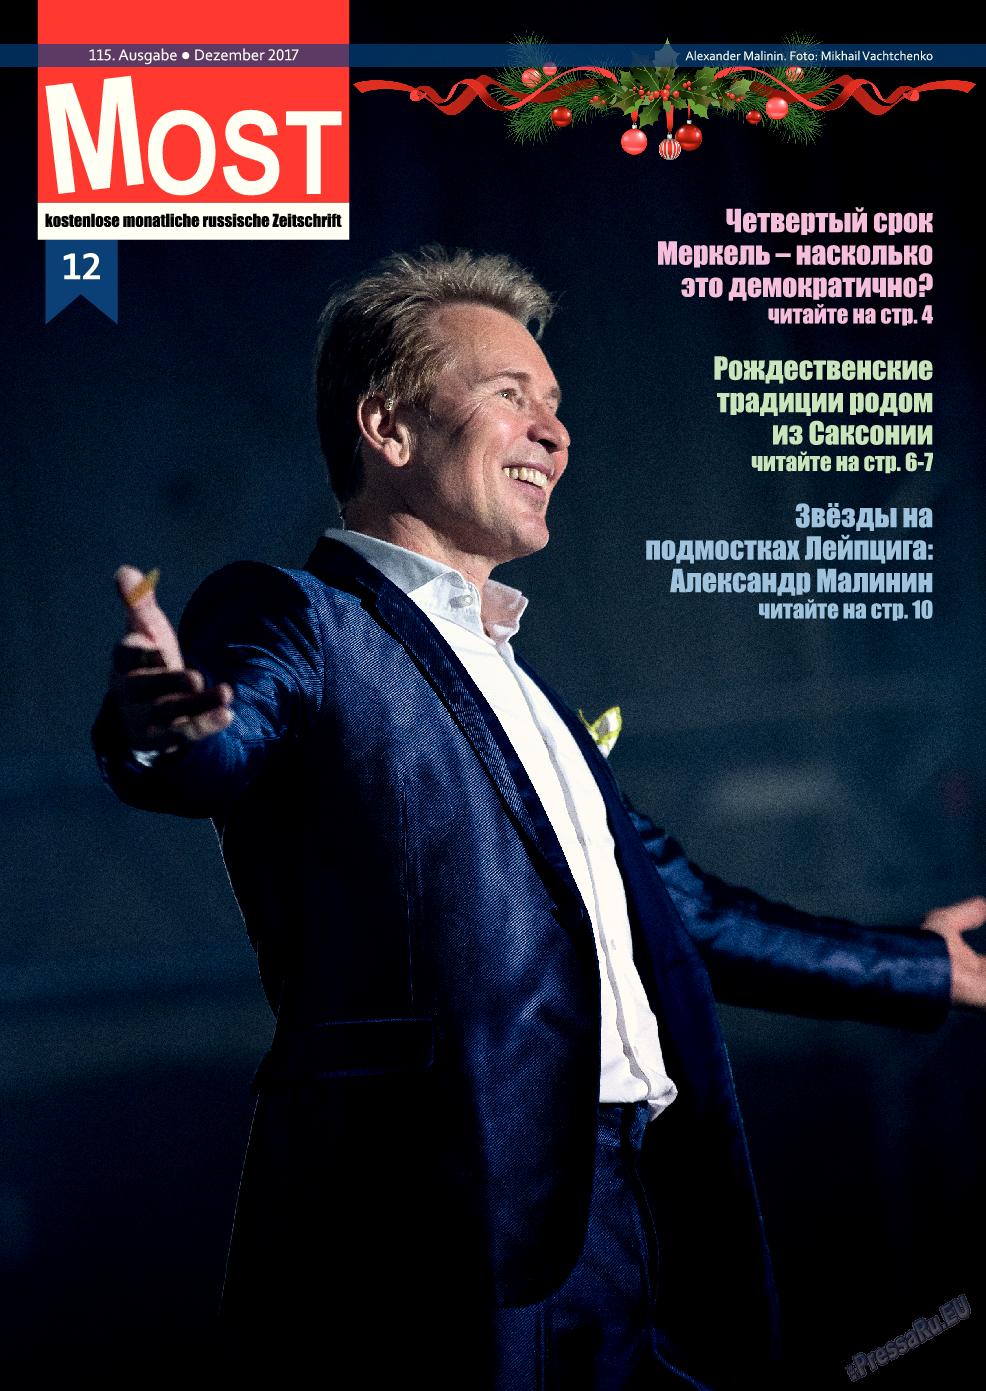 Мост (журнал). 2016 год, номер 12, стр. 1